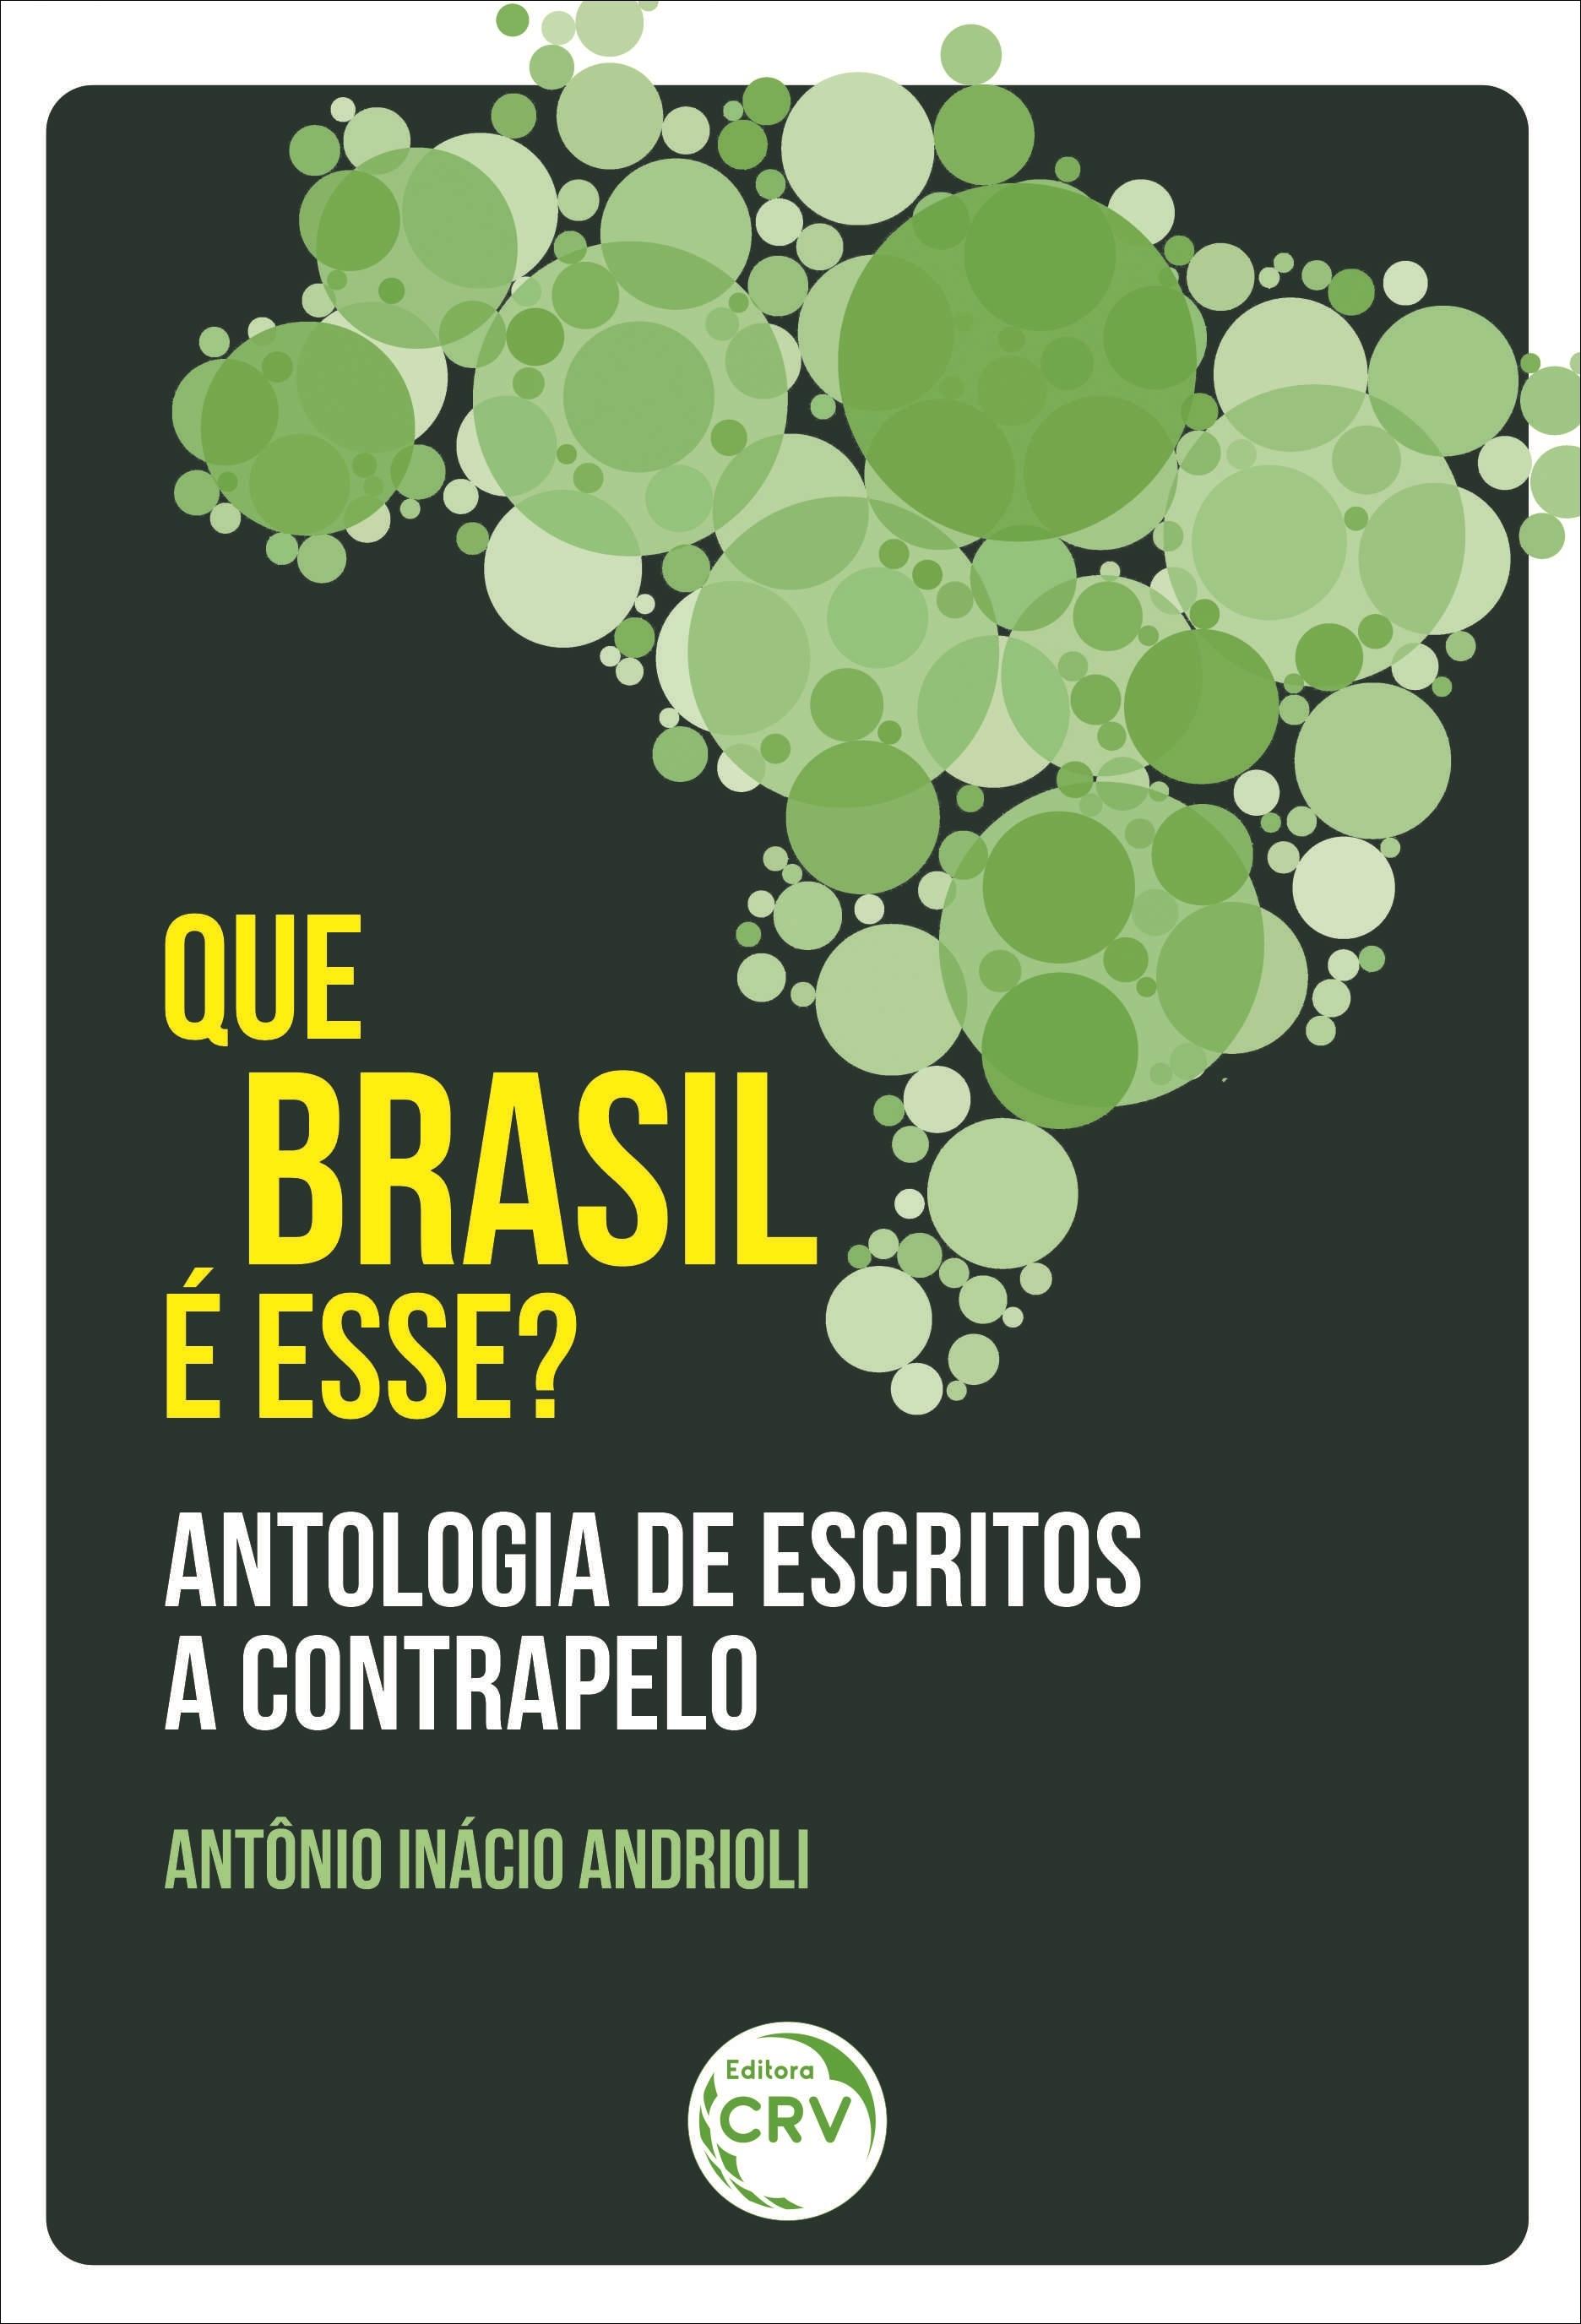 Capa do livro: QUE BRASIL É ESSE? ANTOLOGIA DE ESCRITOS A CONTRAPELO